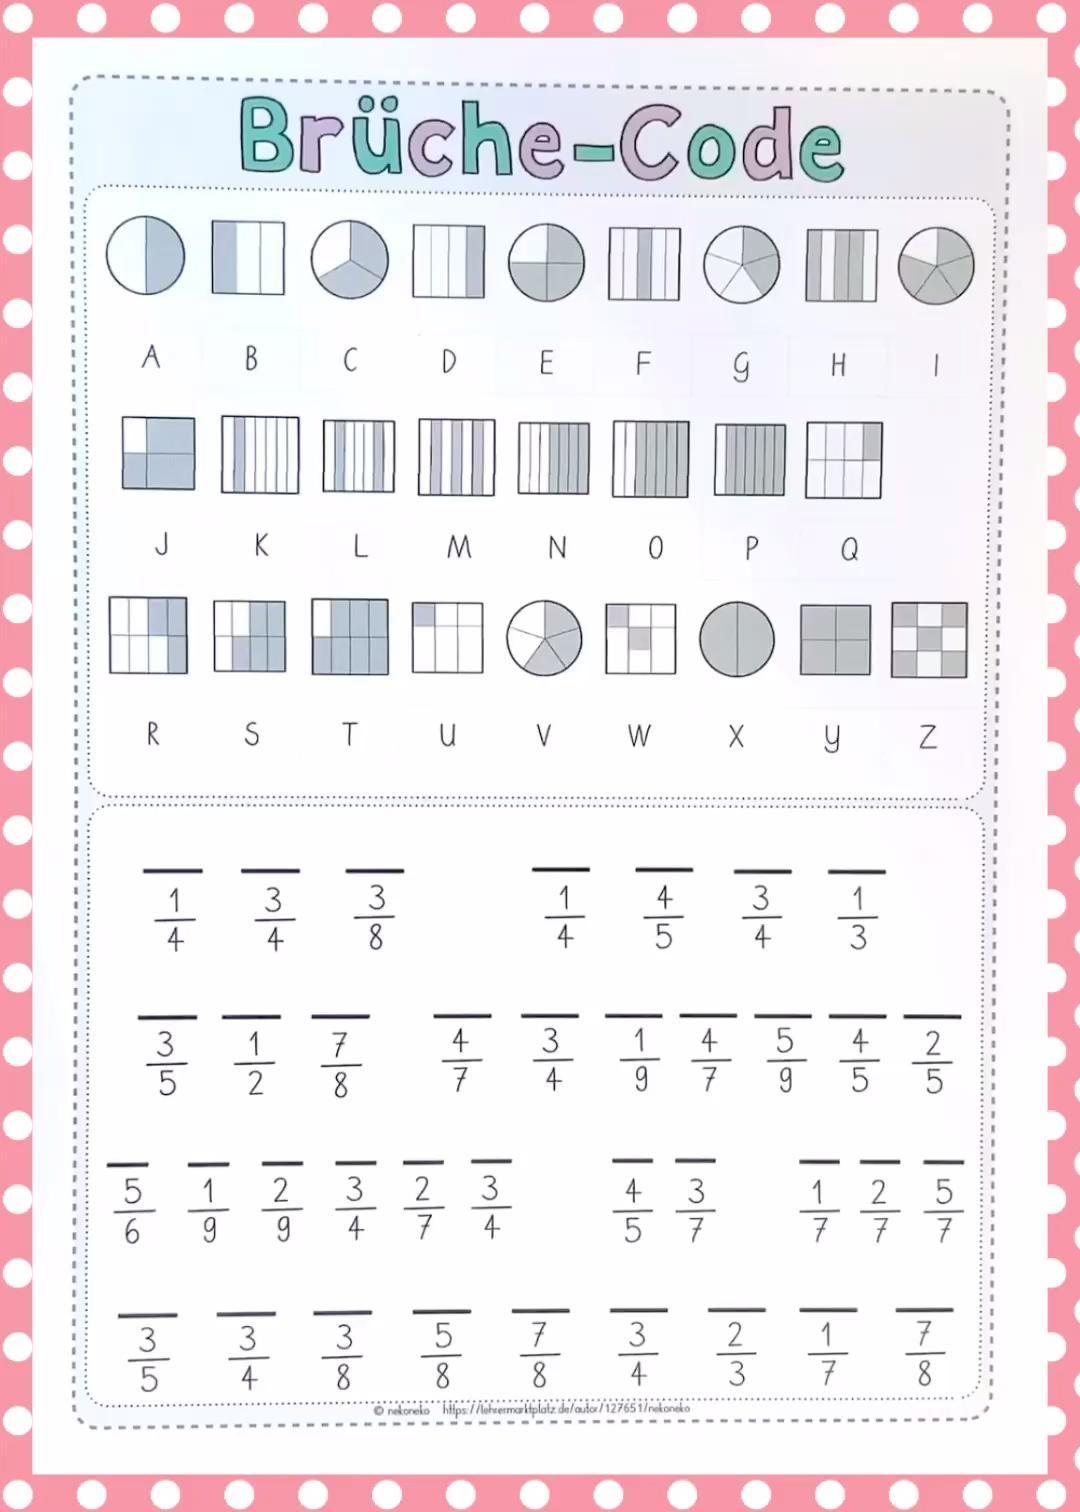 Bruchrechnen   Knacke den Brüche-Code   Division#brüchecode #bruchrechnen  #den #division #knacke   Math worksheets [ 1512 x 1080 Pixel ]